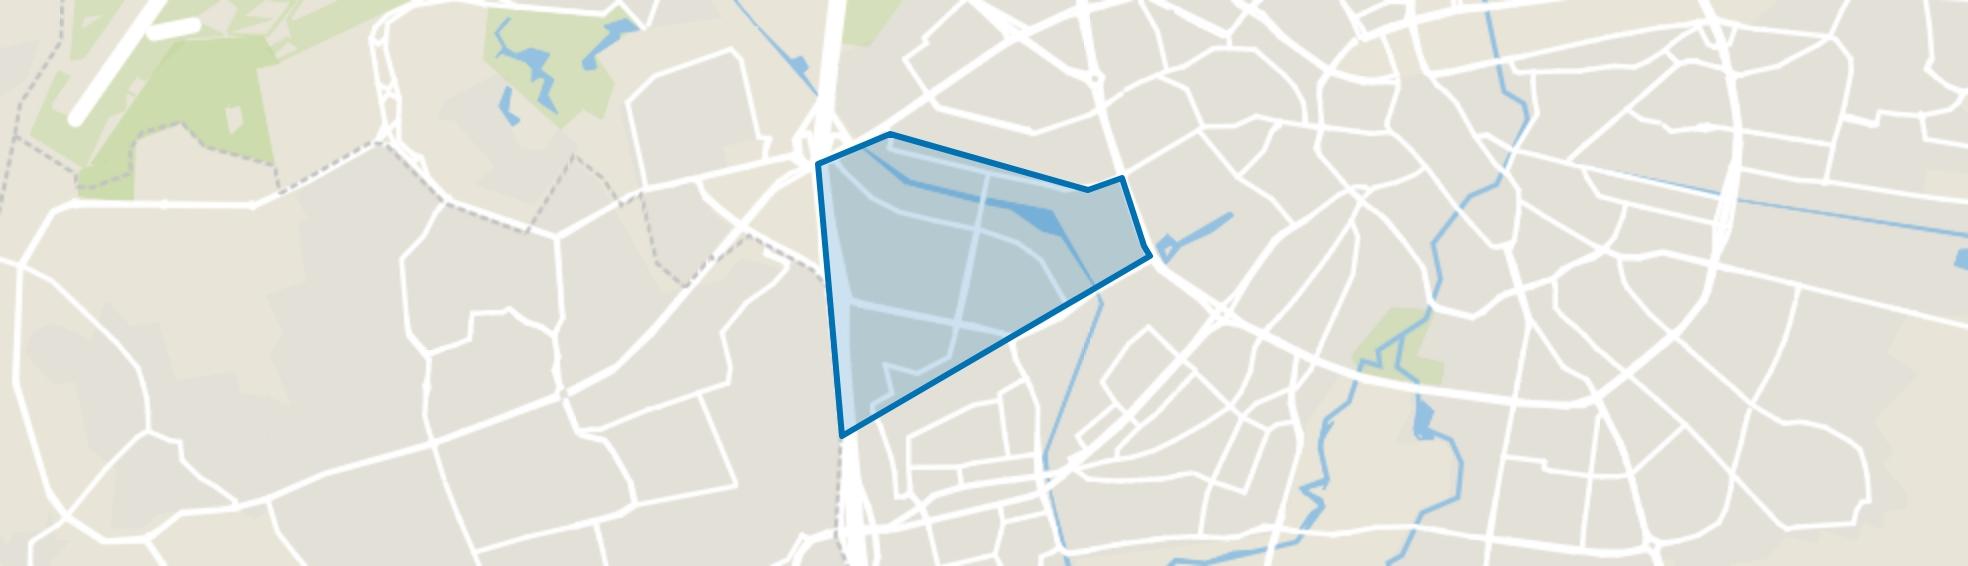 Hurk, Eindhoven map